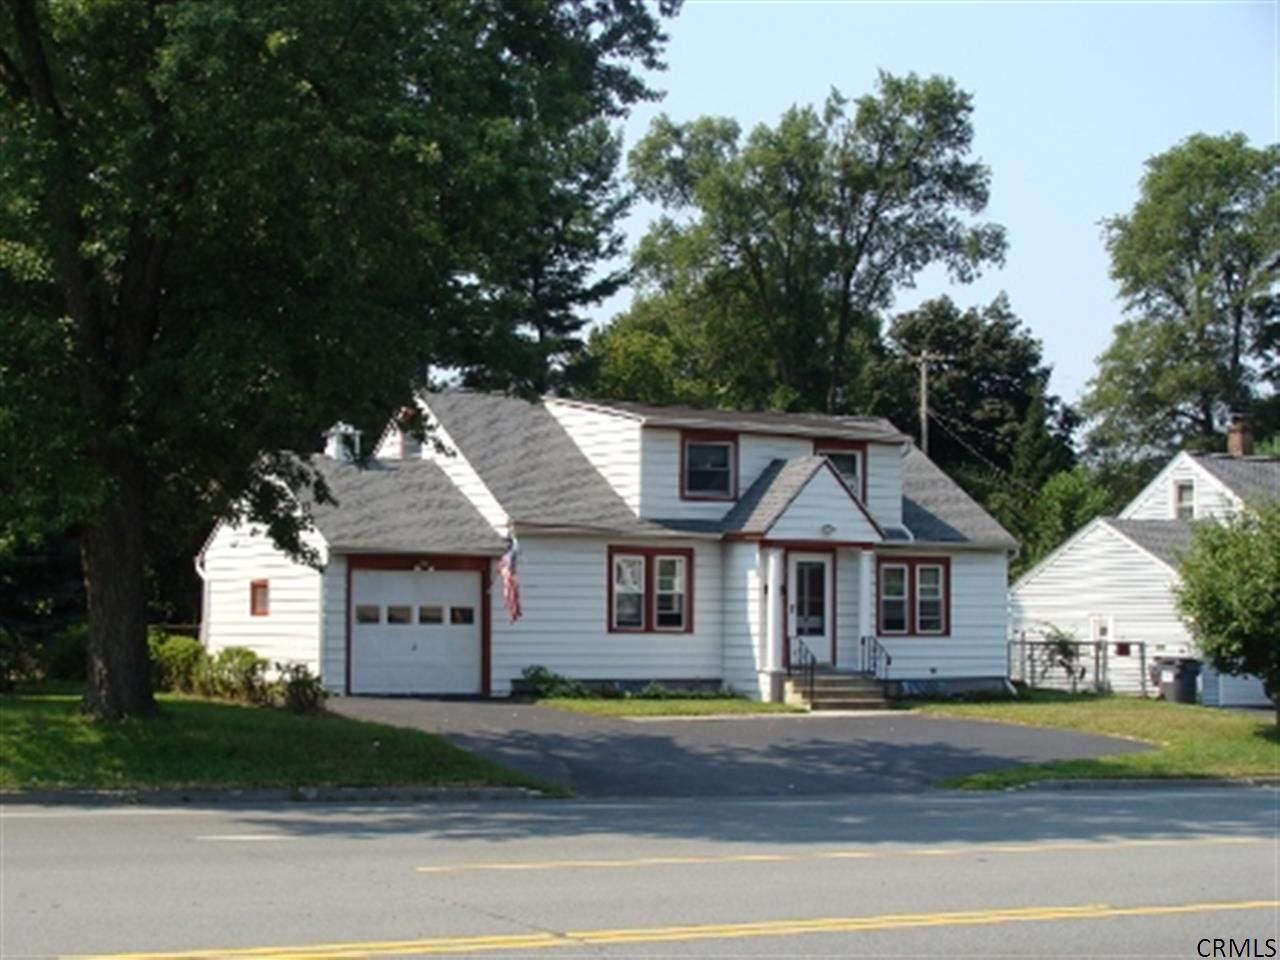 1836 Western Ave, Albany NY 12203